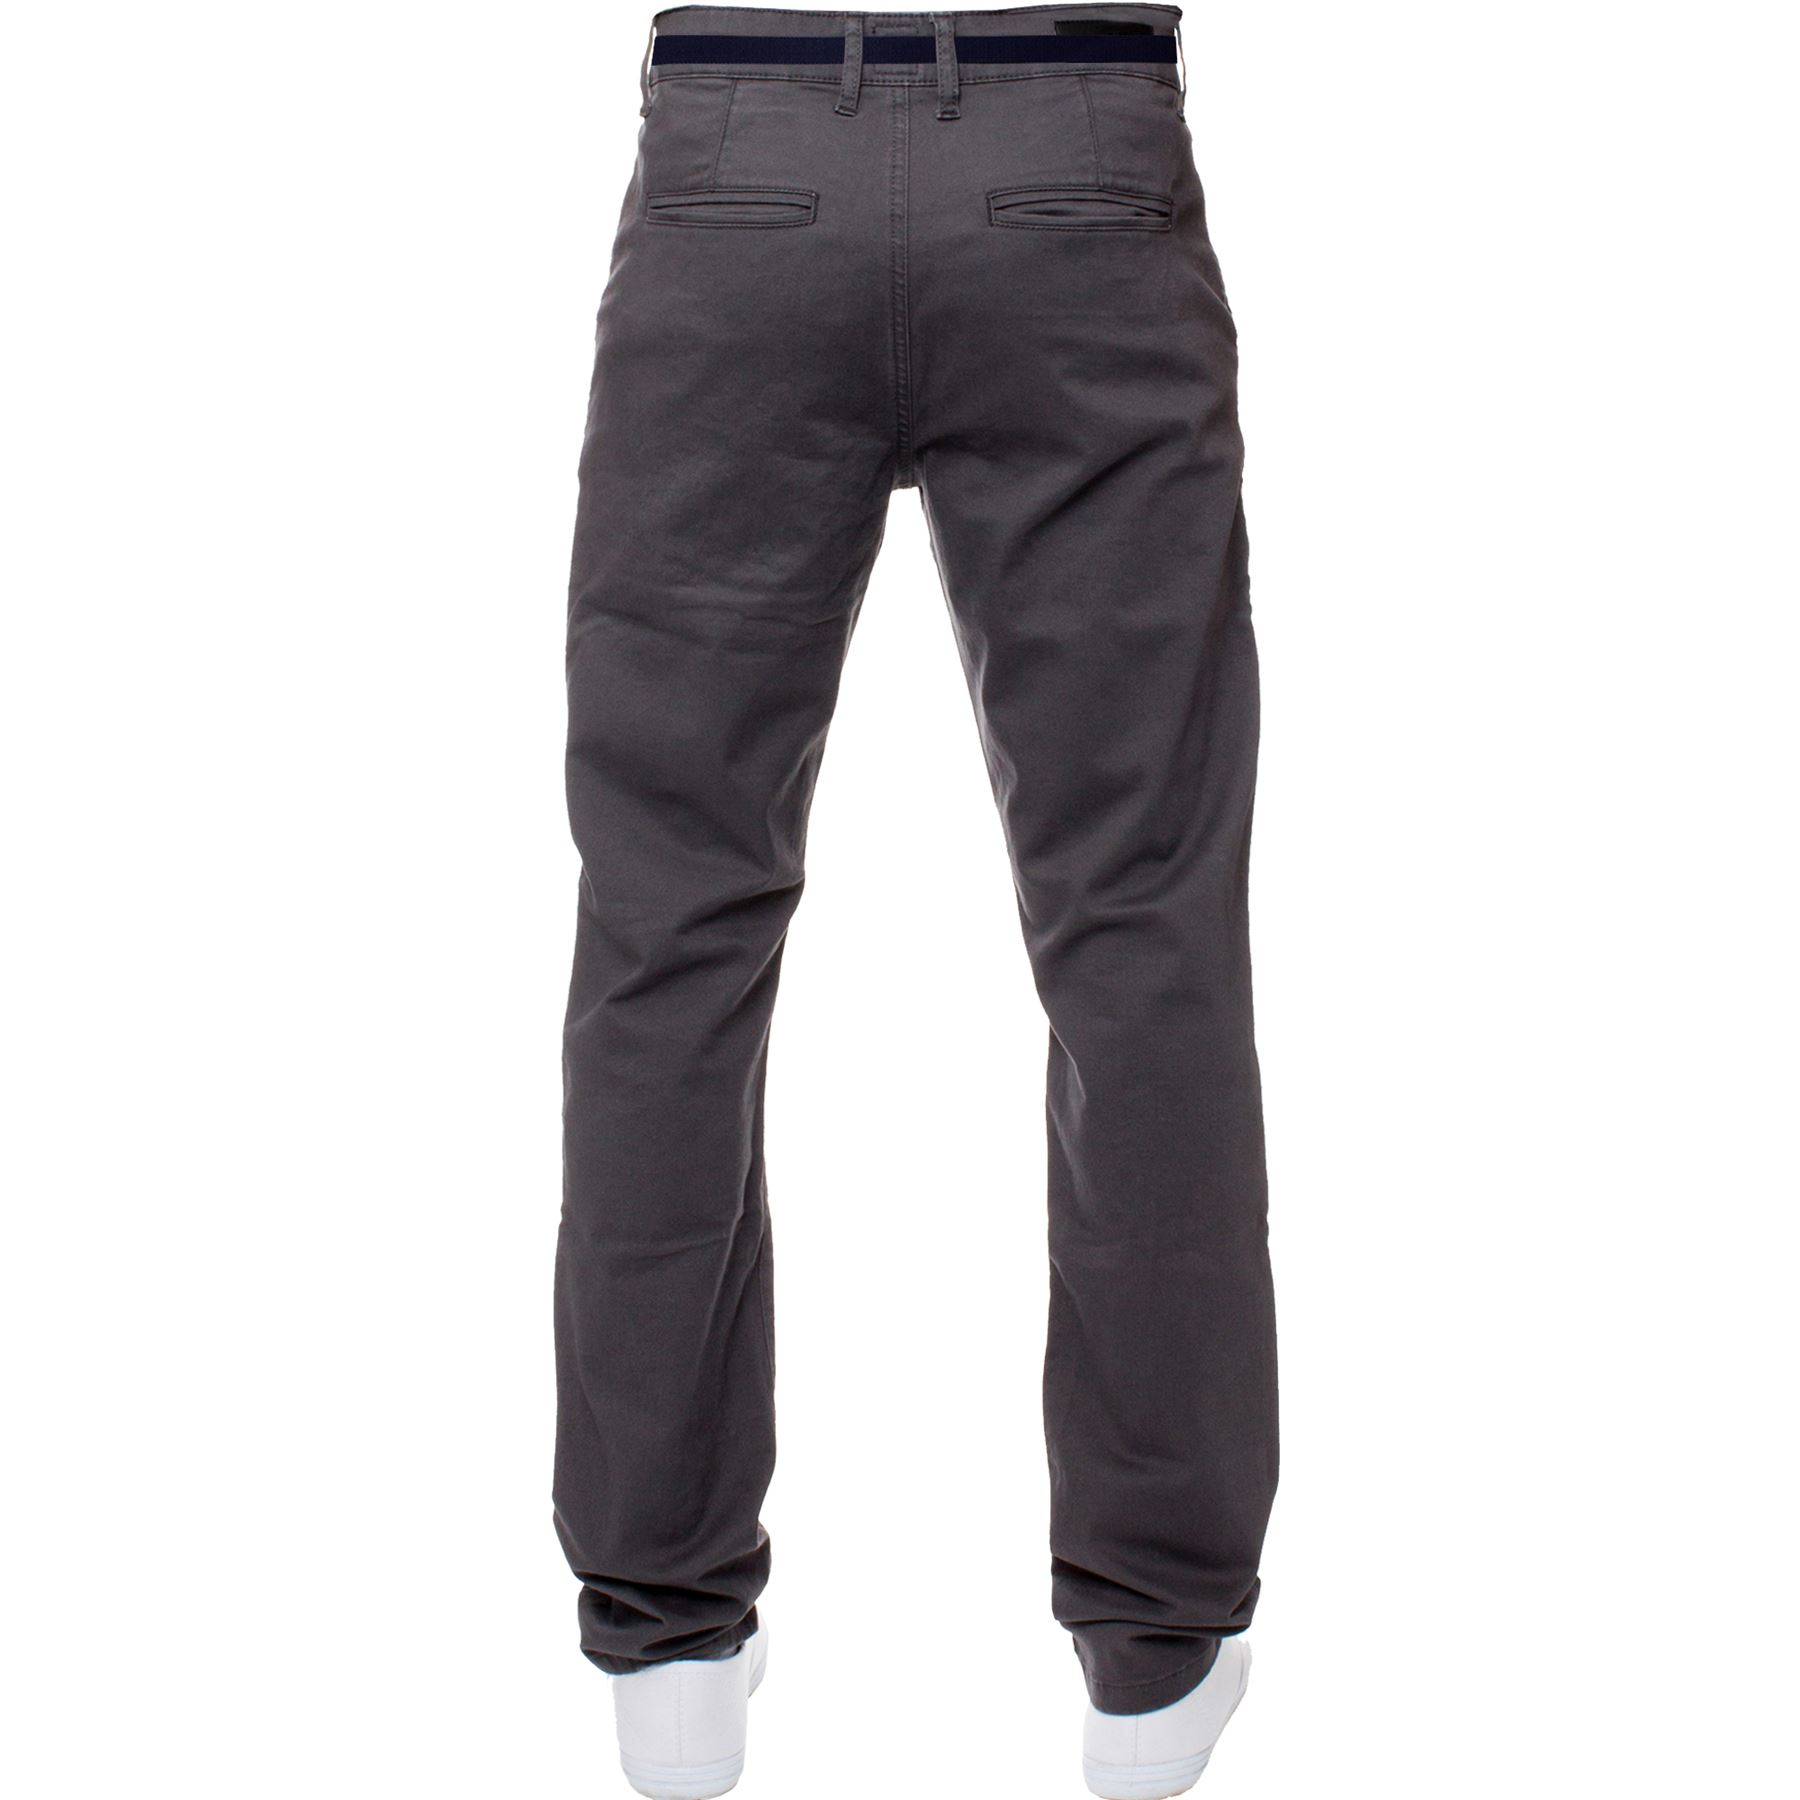 ENZO-Para-Hombres-Pantalones-Slim-Fit-Algodon-Elastico-Pantalones-Chinos-Con-Cinturon-BIG-amp-TALL miniatura 11